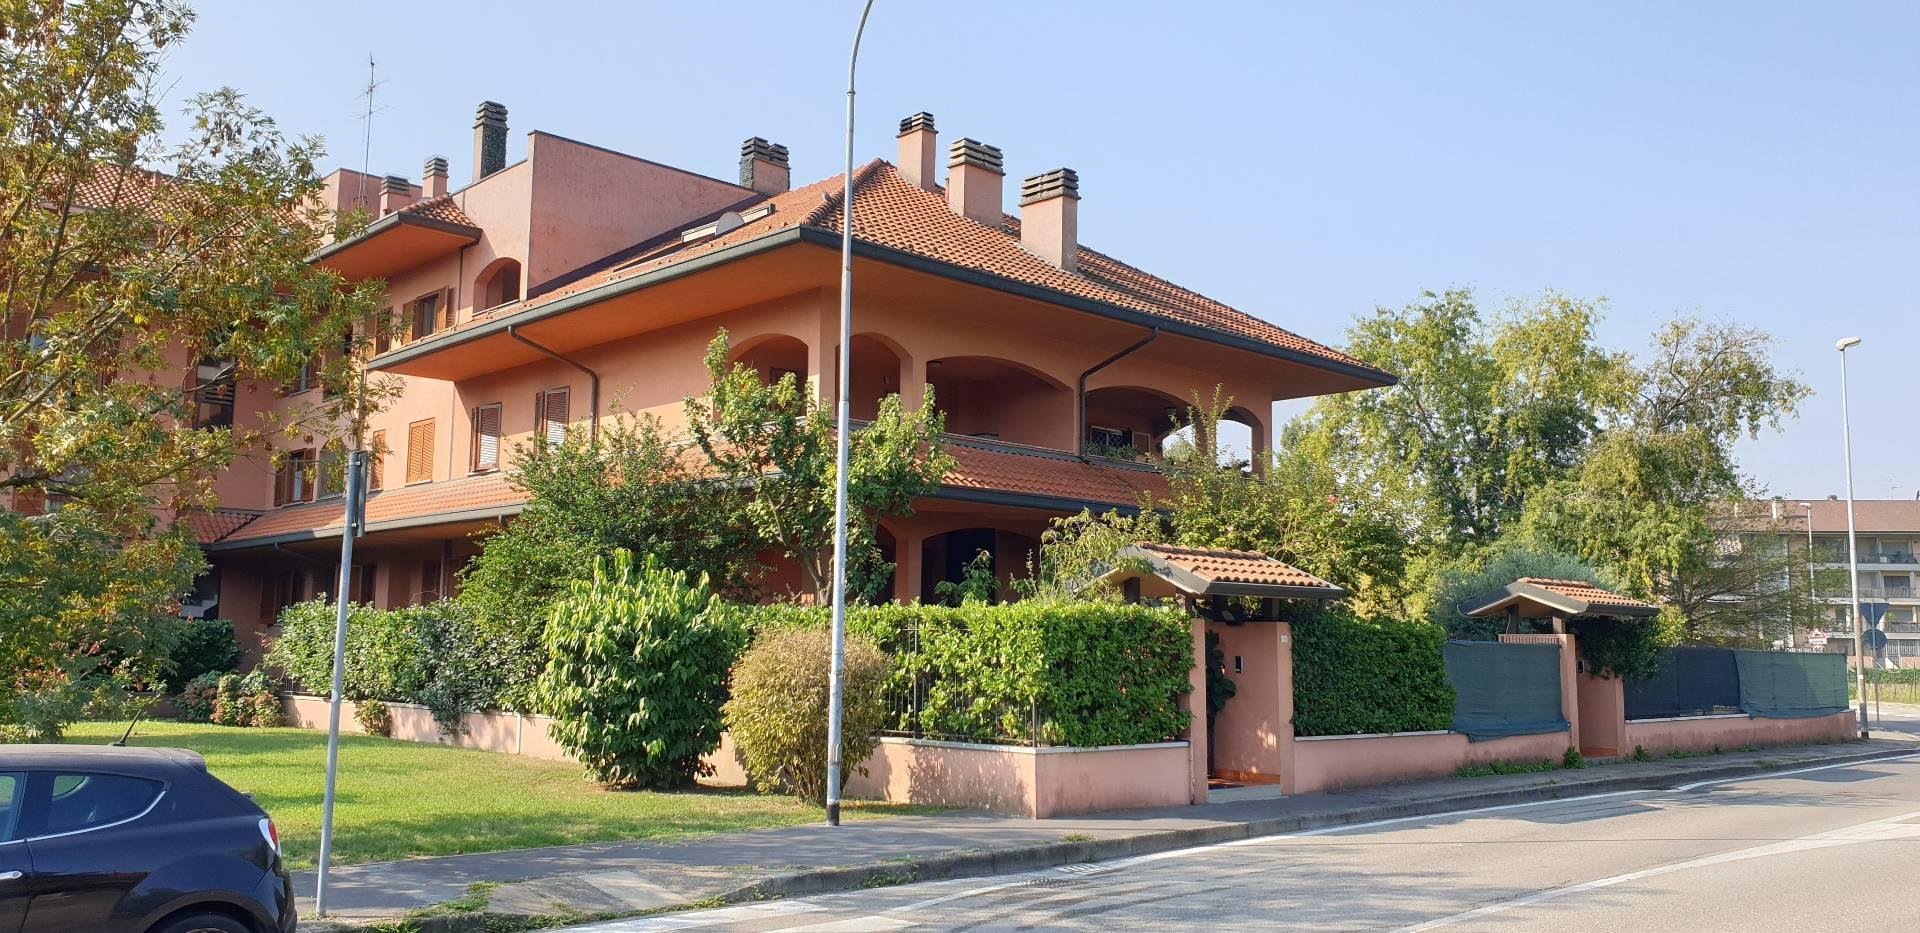 Villa in vendita a Opera, 5 locali, prezzo € 510.000 | PortaleAgenzieImmobiliari.it